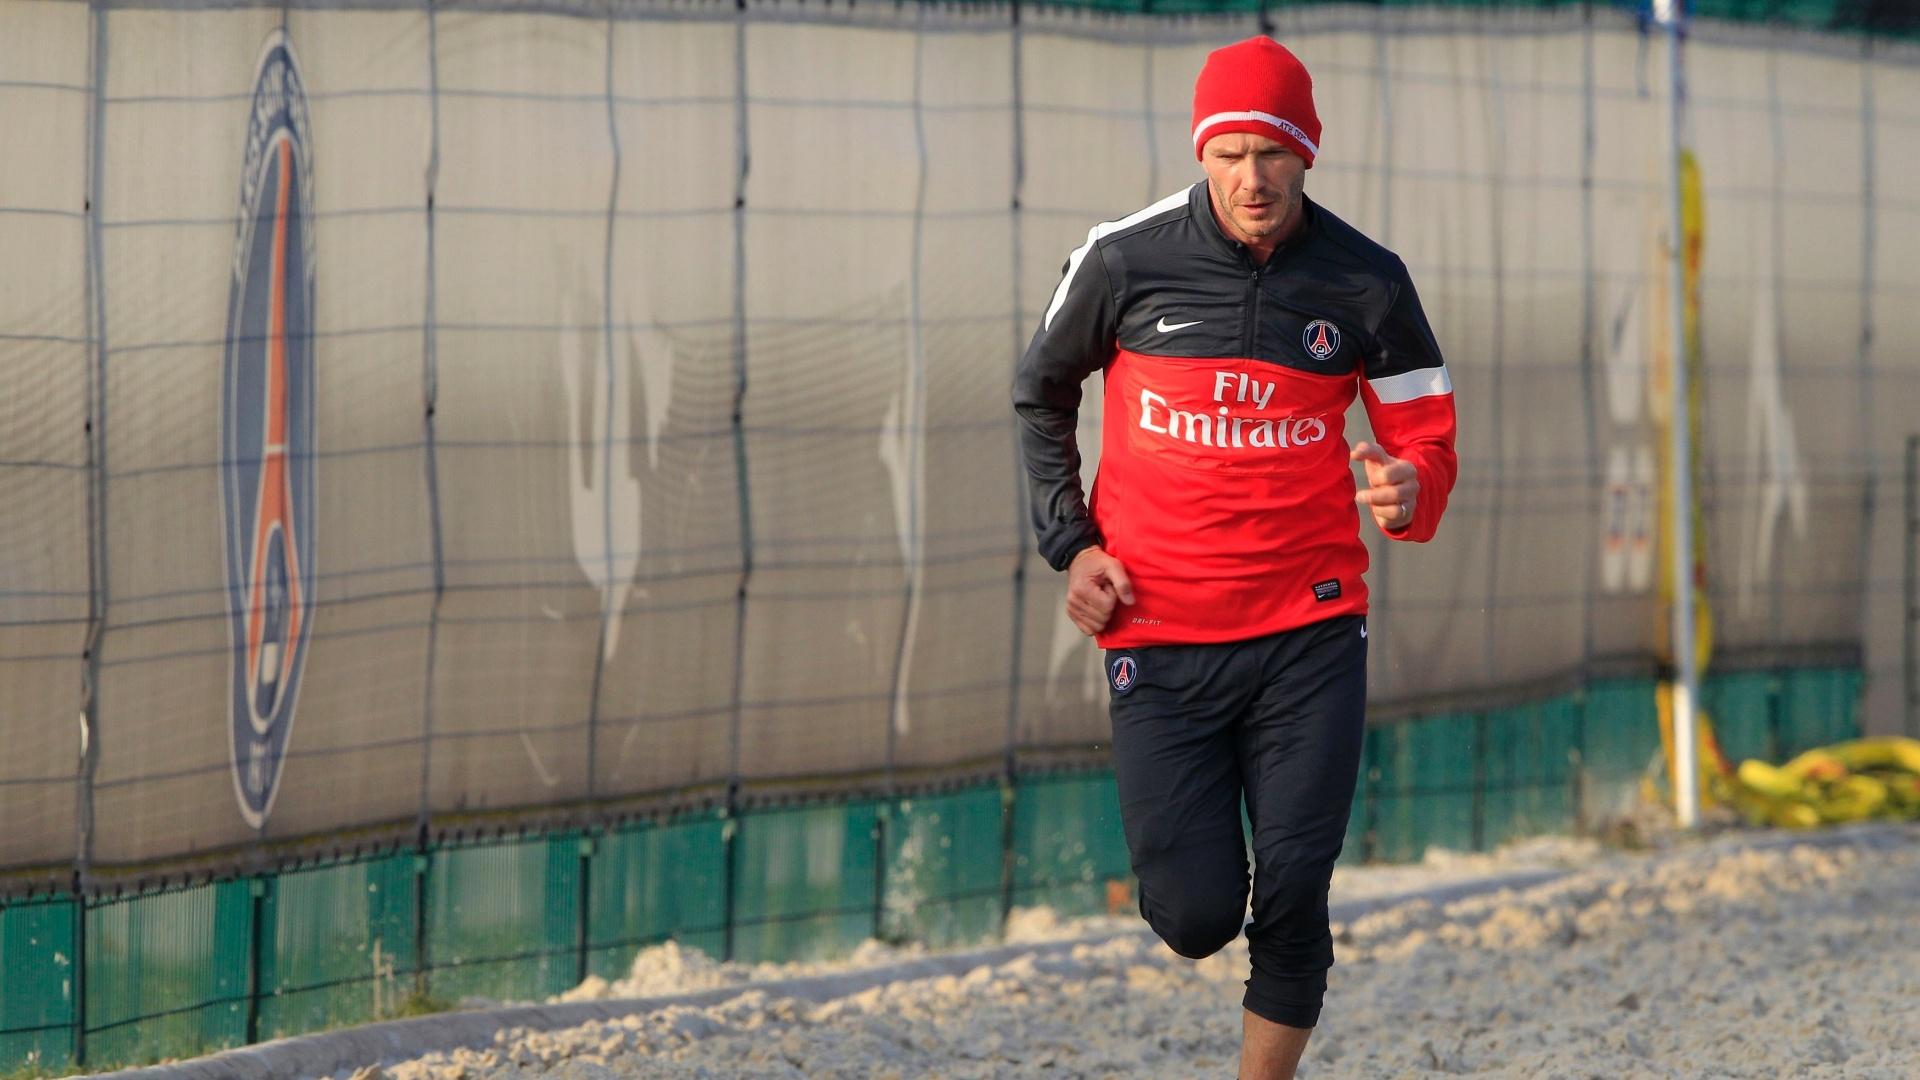 13.fev.13 - Beckham realiza exercício na caixa de areia em seu primeiro treino no PSG